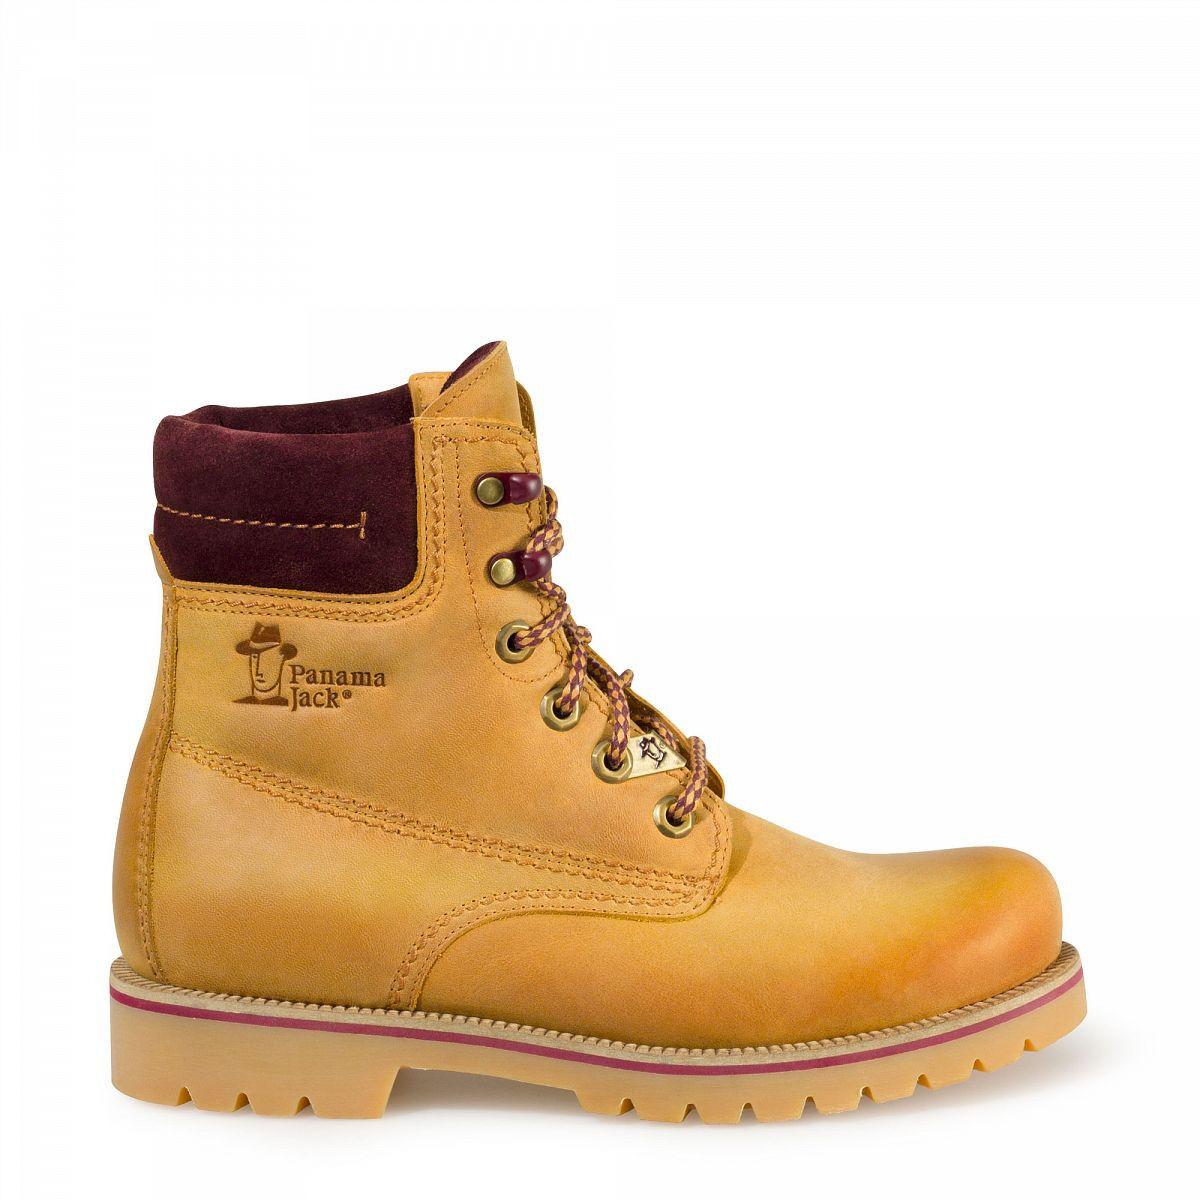 Panama Jack Damenschuhe Schuhe Stiefelette Boots Vintage Napa Bordeaux Limitiert